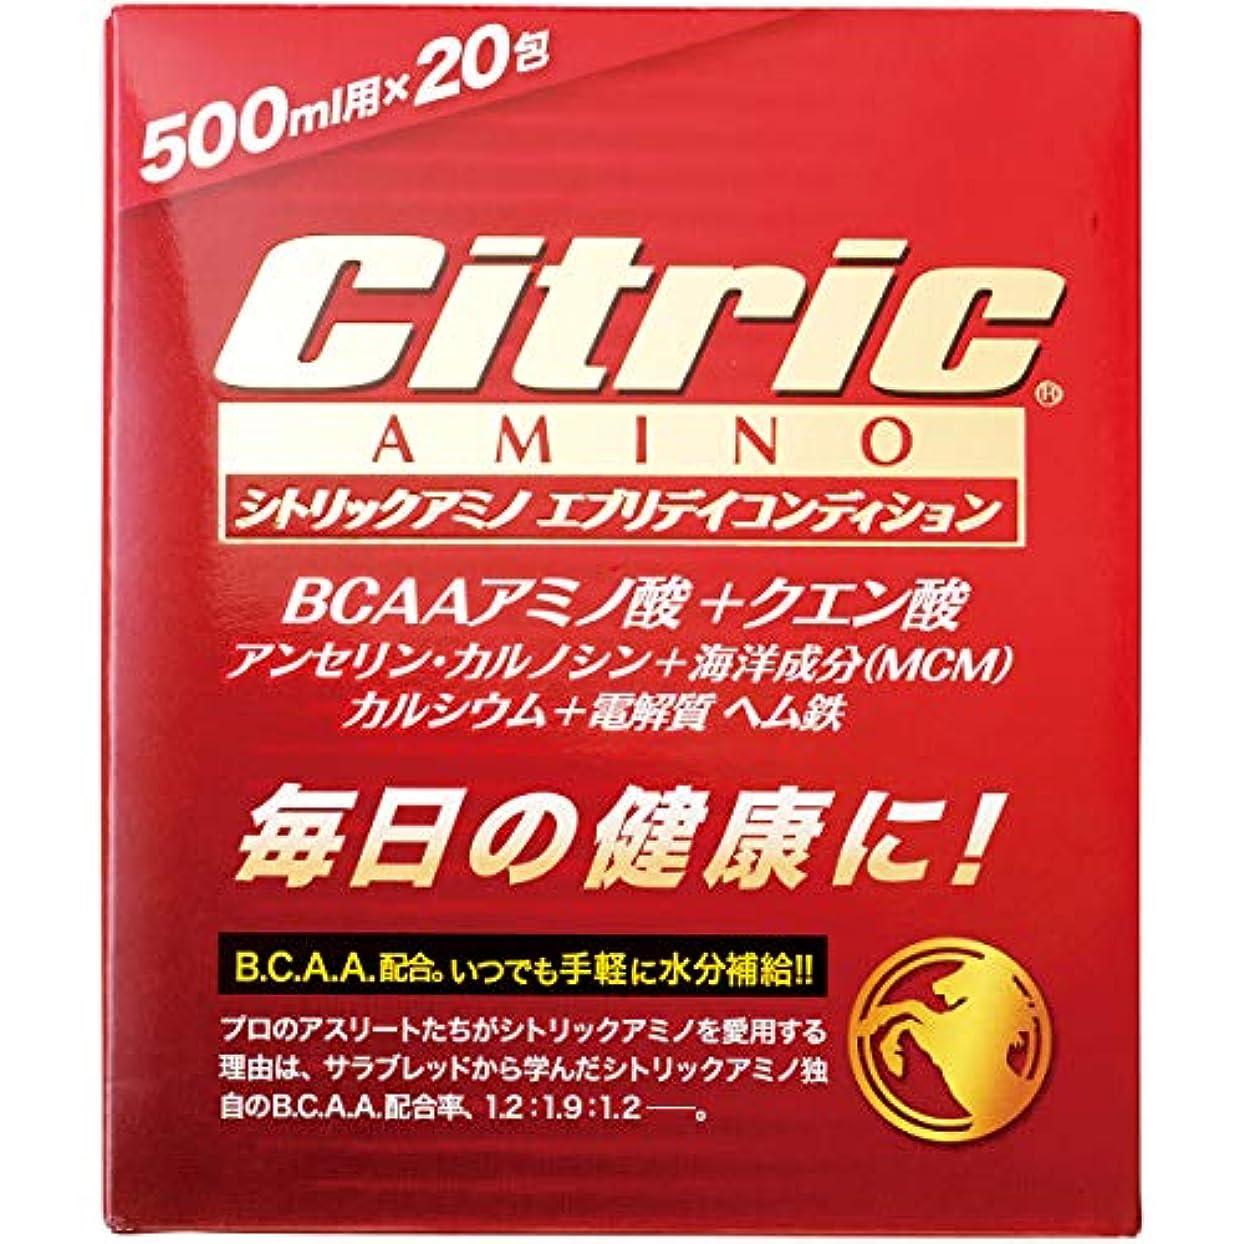 機転さわやか間違いなくシトリックアミノ(Citric AMINO) (美容と健康) エブリディコンディション 6g×20包入  8157